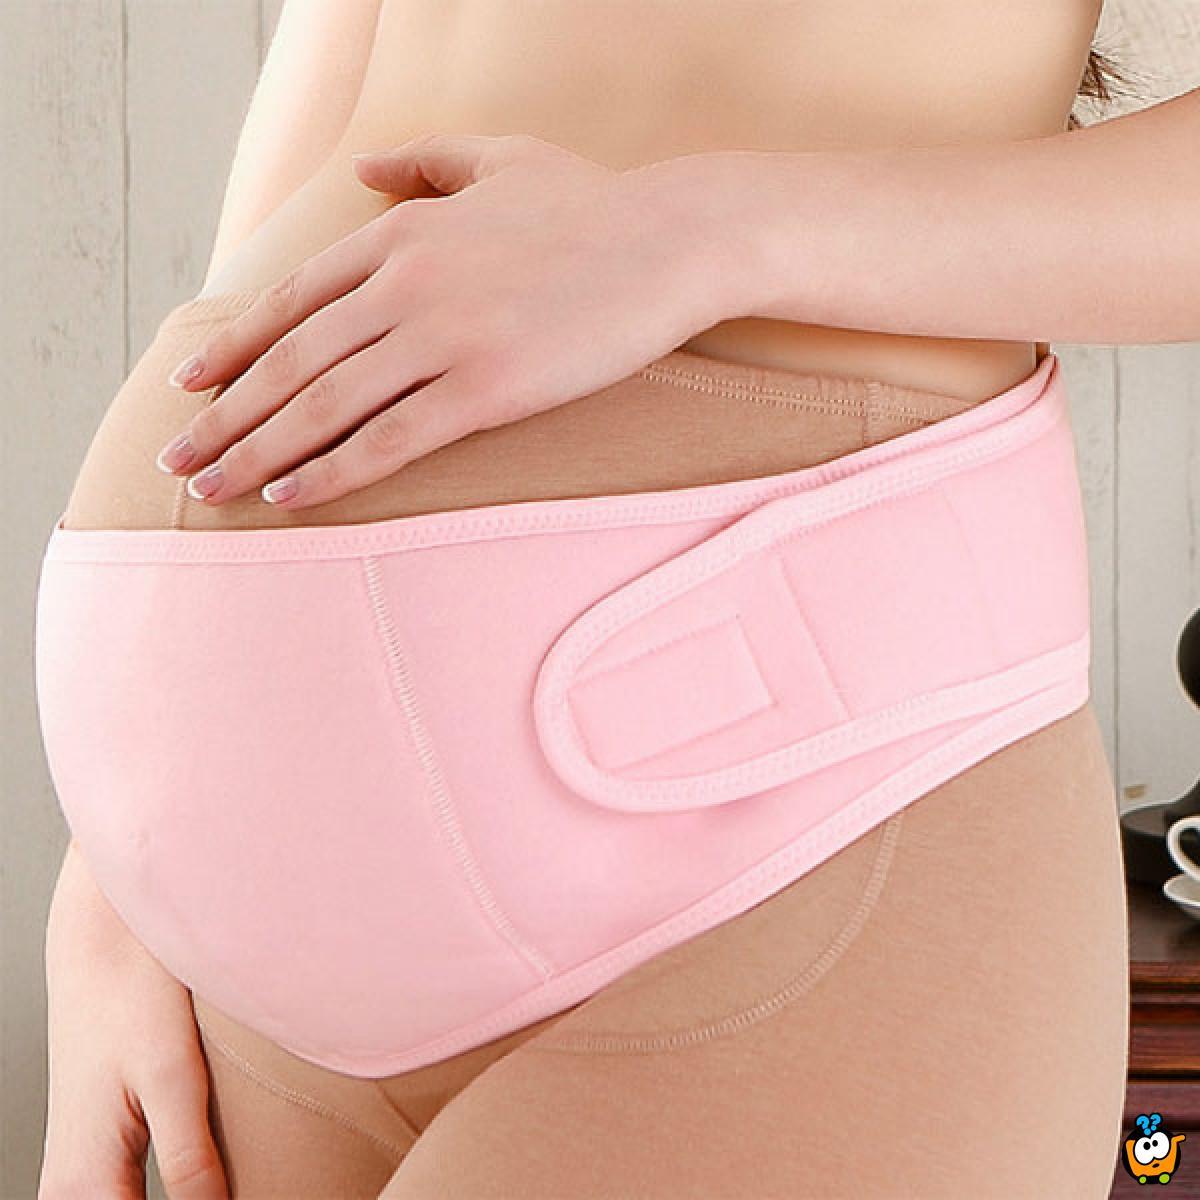 Maternity Belt - Pojas za trudnice